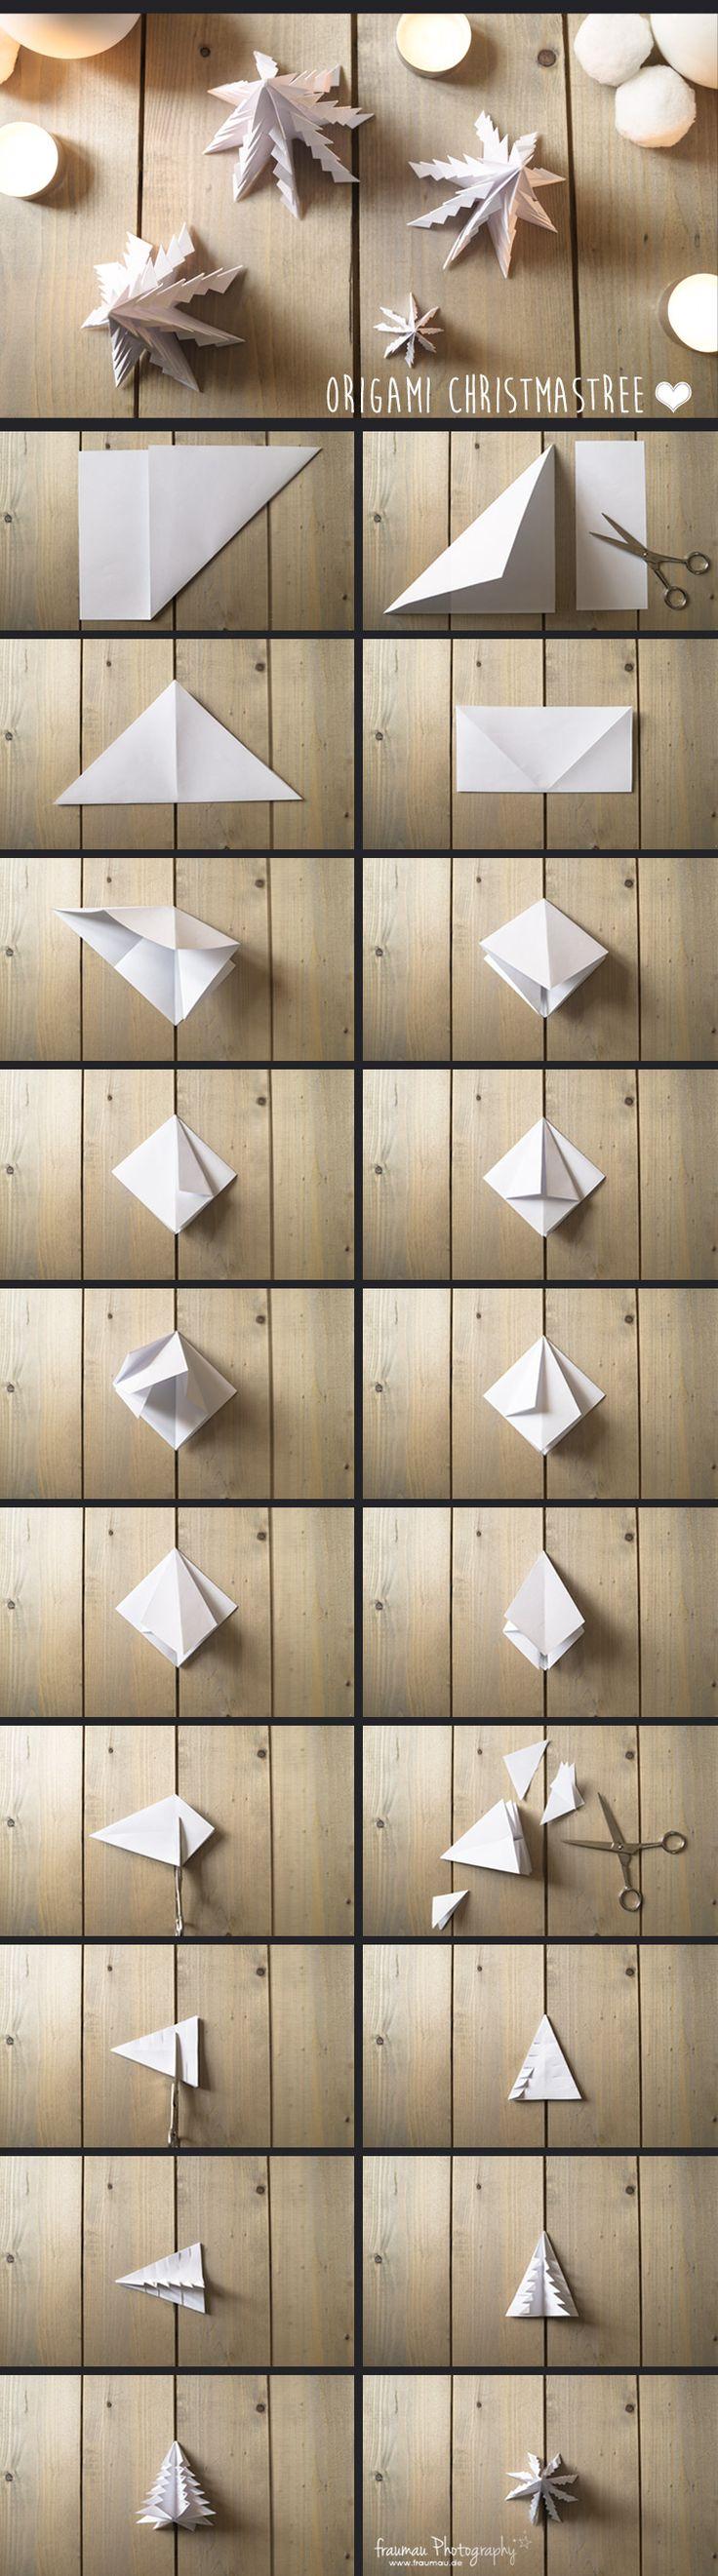 Origami_Weihnachtsbaum_DIY_fraumau_6